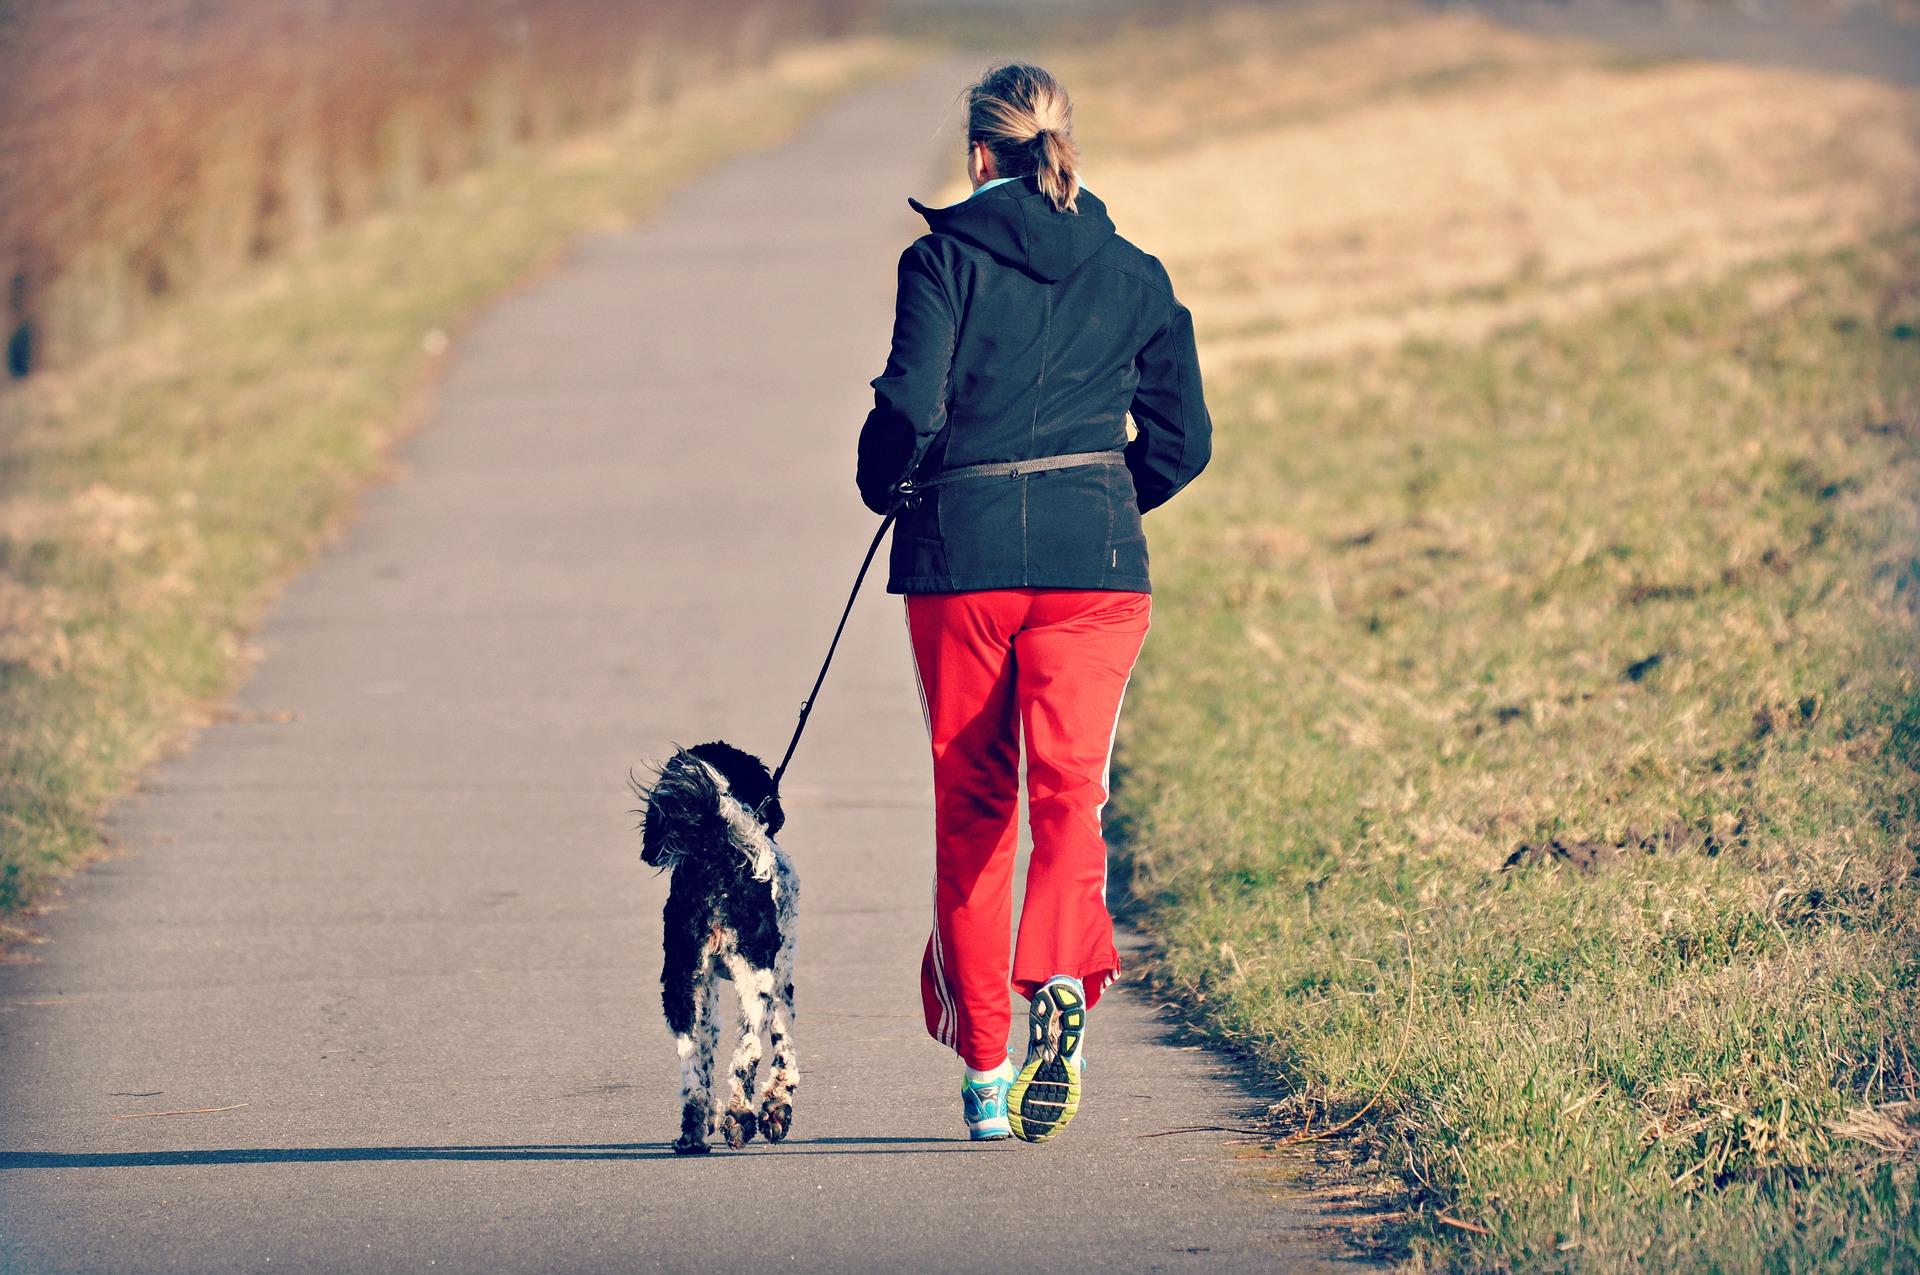 Eksperci zachęcają, by aktywność fizyczną w postaci spacerów wprowadzić w codzienną rutynę. (Fot. Pixabay)